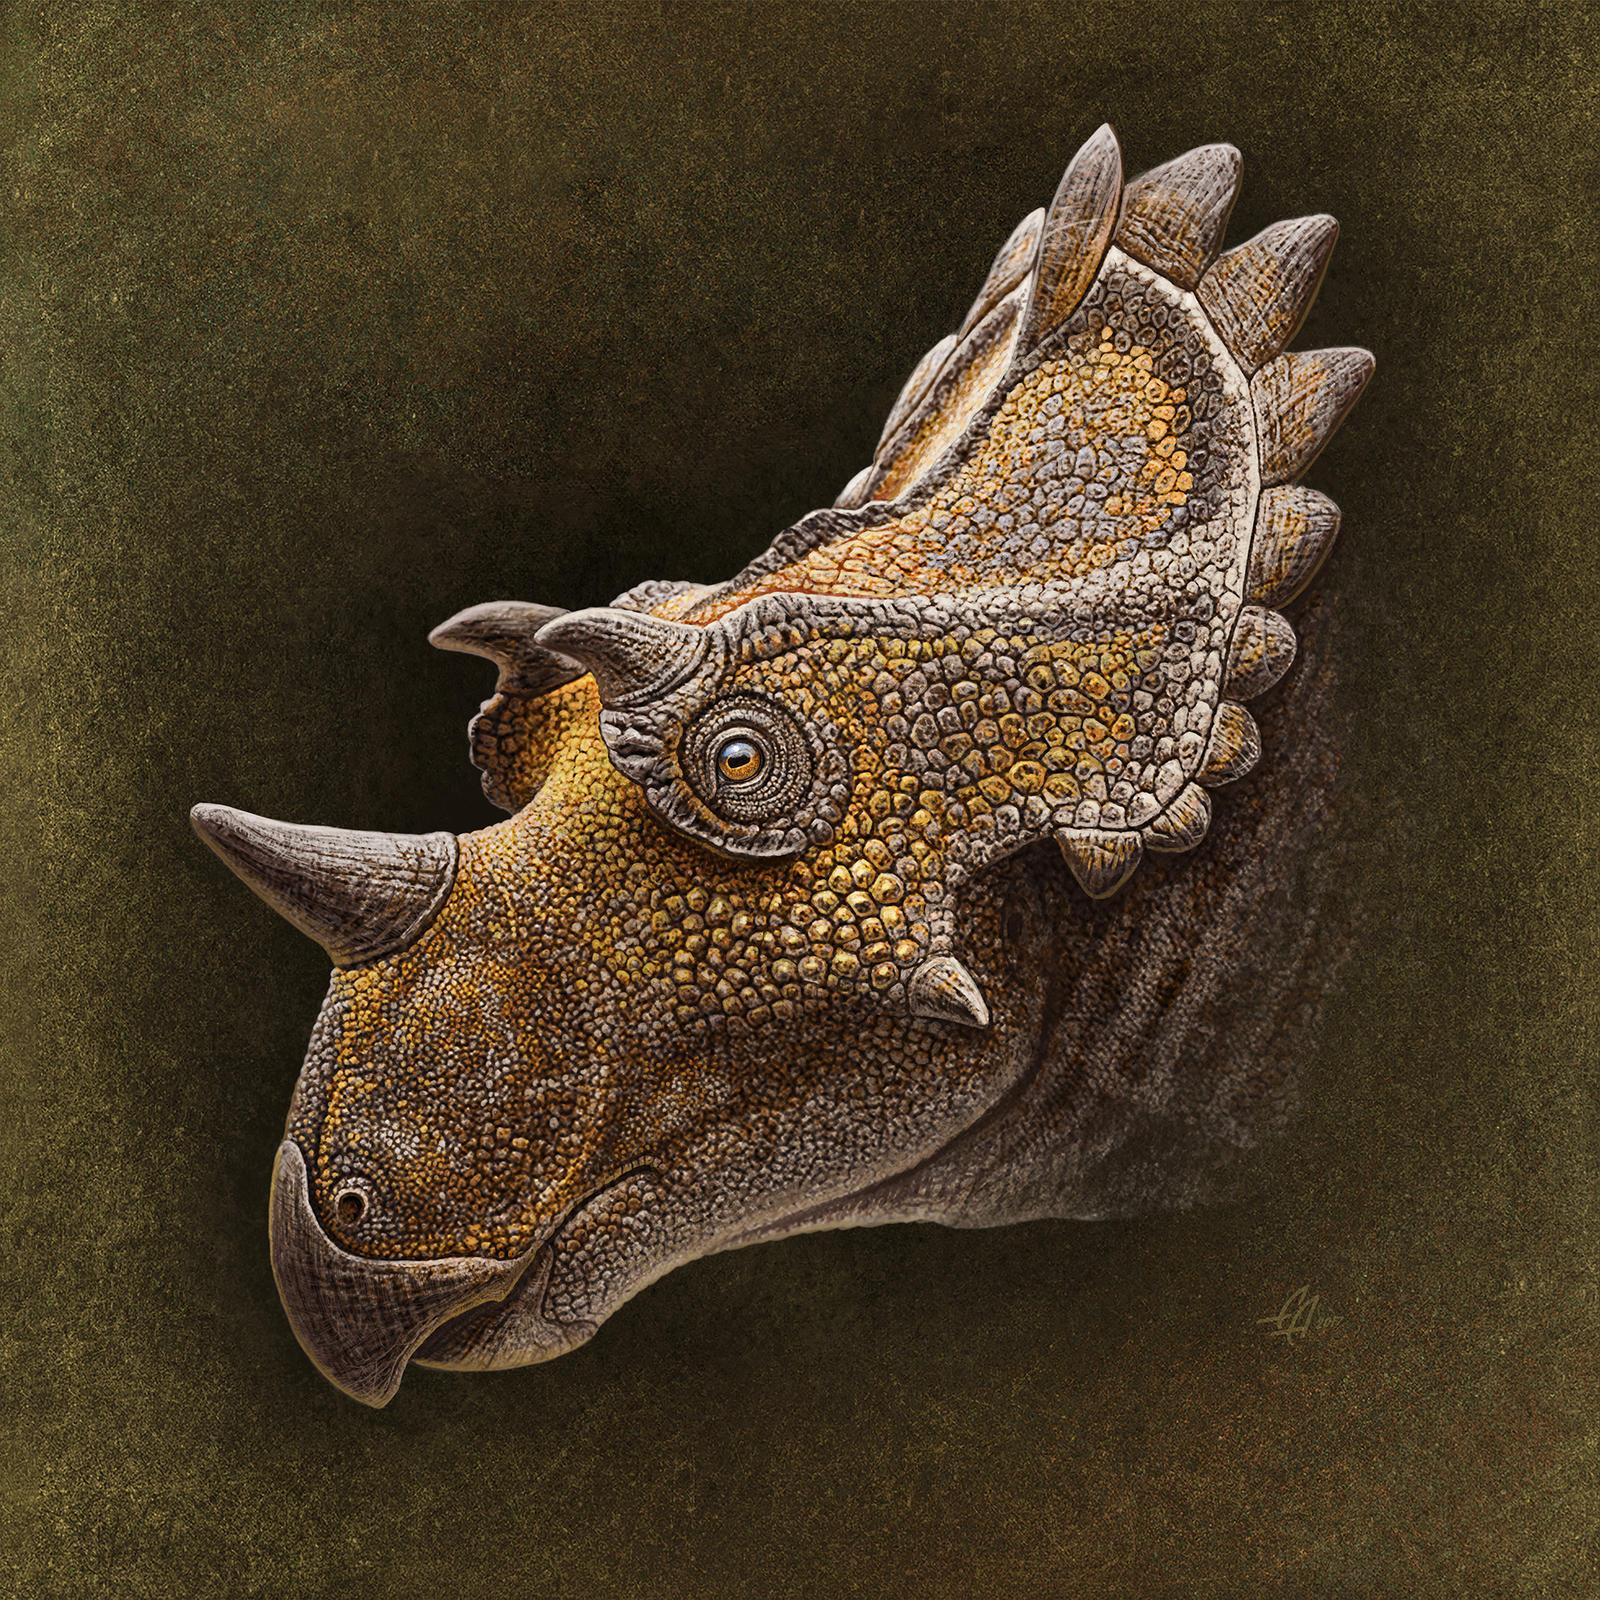 Regaliceratops (portrait) by Olorotitan